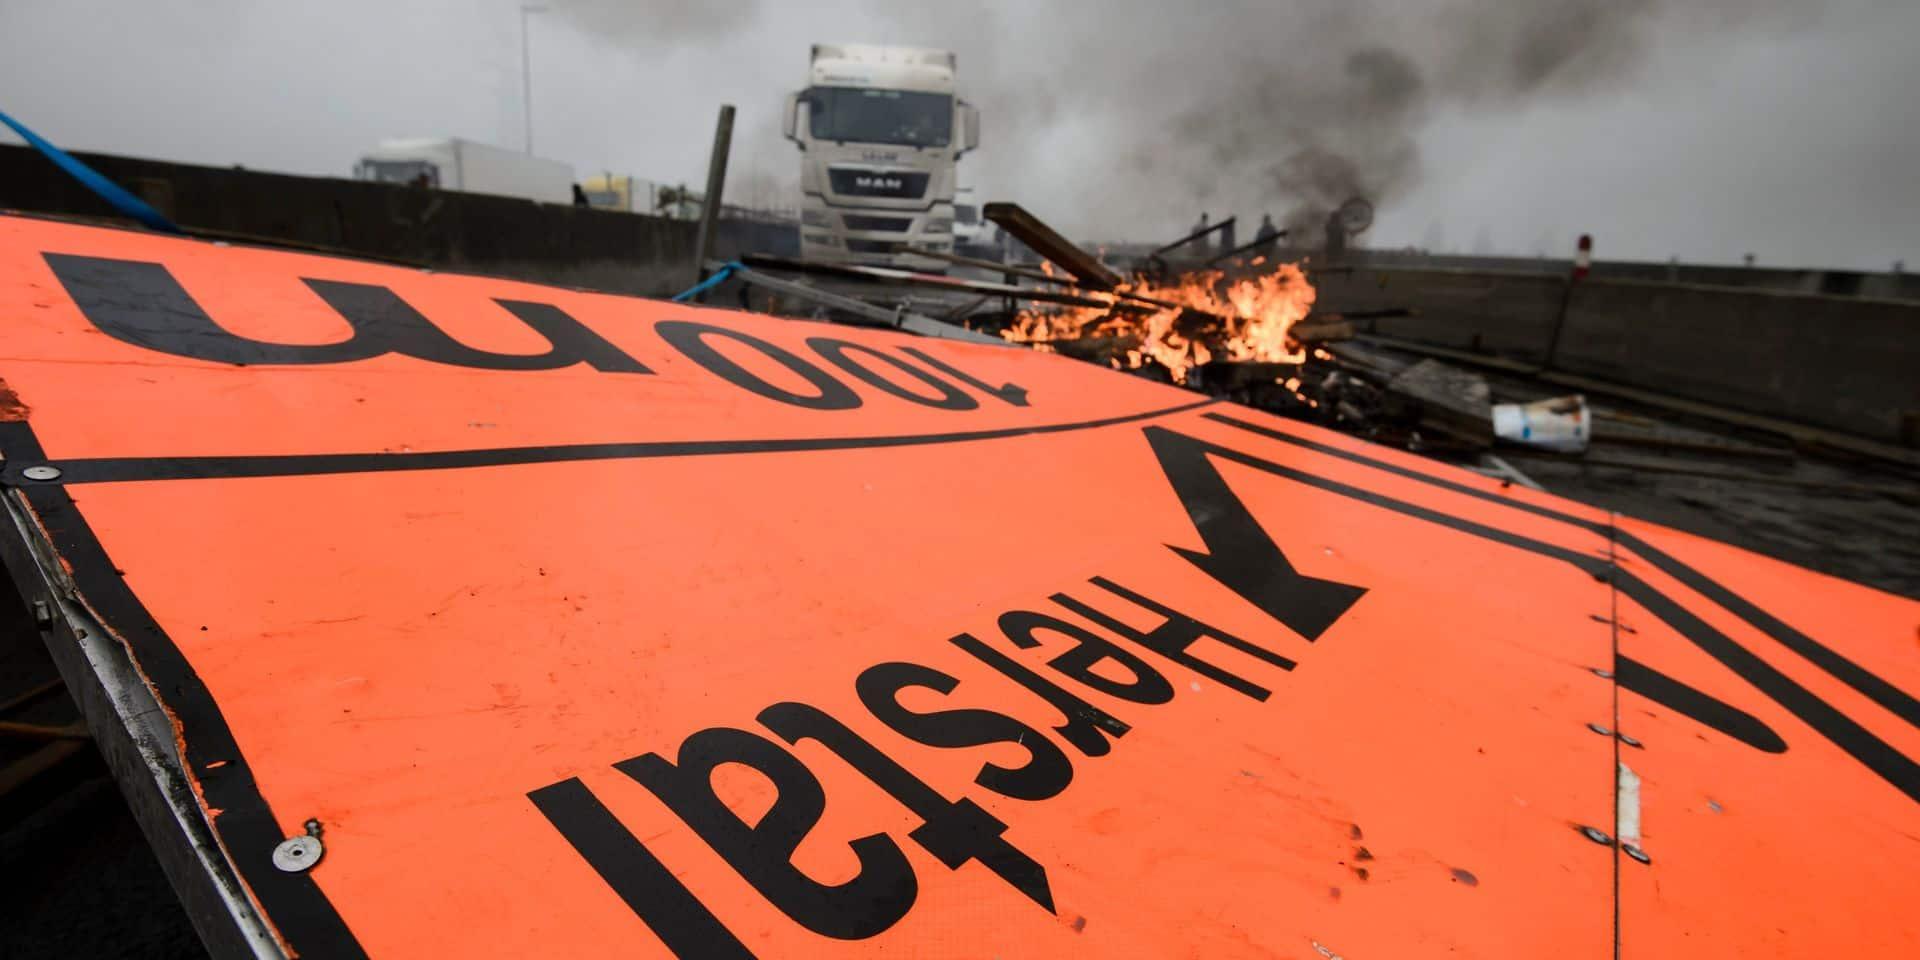 Les 17 militants et responsables de la FGTB qui avaient été condamnés à la suite d'une action de blocage du pont de Cheratte en octobre 2015 seront rejugés